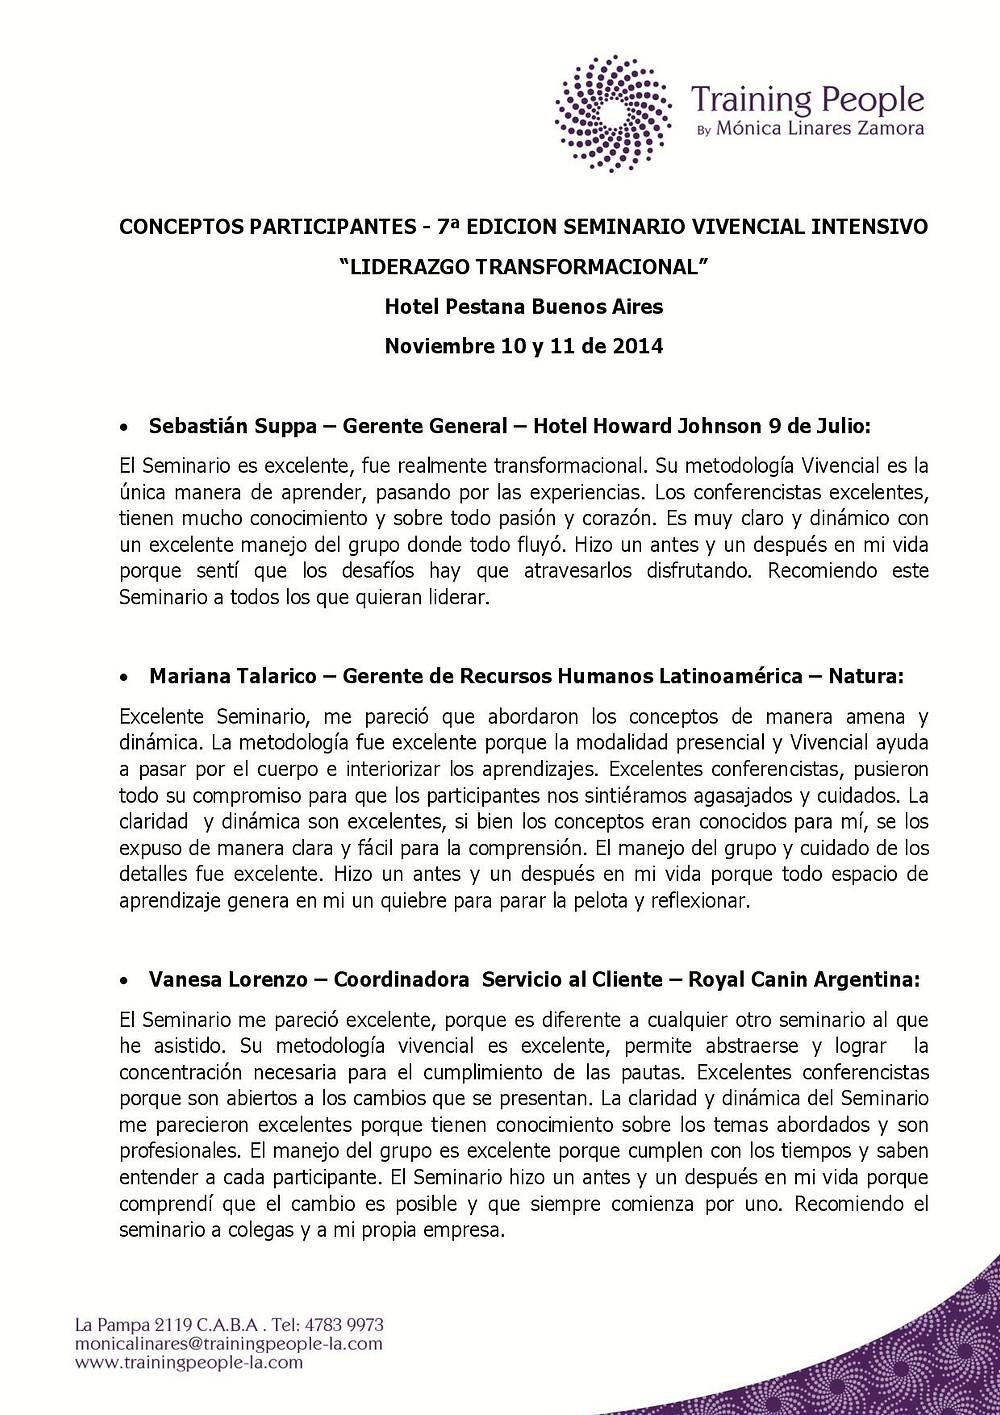 7a EDICION - CONCEPTOS PARTICIPANTES SEMINARIO DE LIDERAZGO TRANSFORMACIONAL- NO